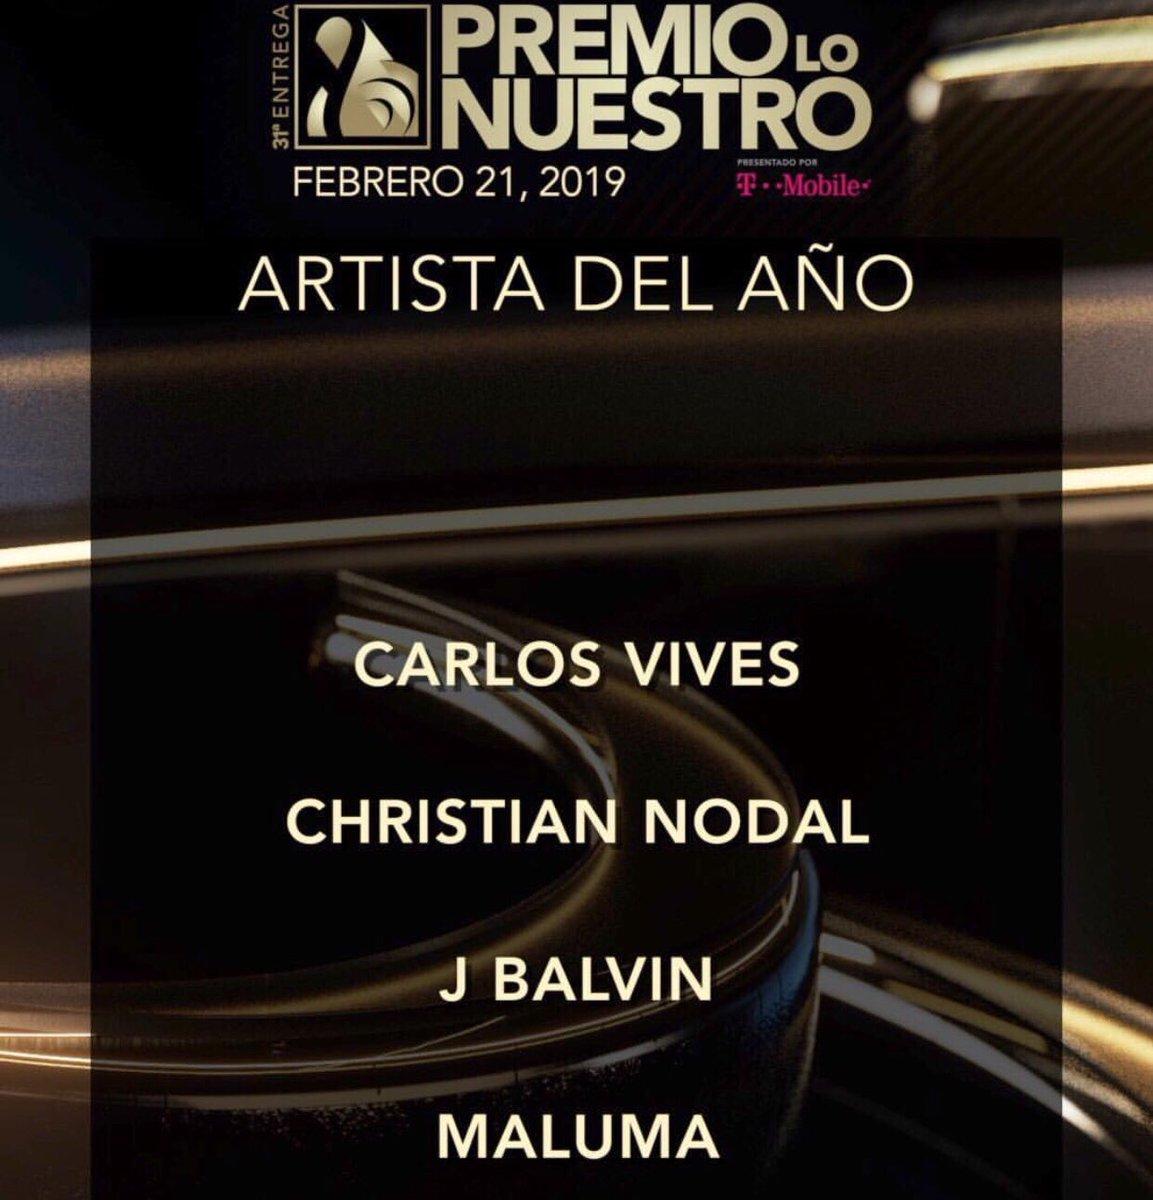 🔊 Aquí 👇🏻 los nominados a Artista del Año en #PremioLoNuestro2019 🥁🥁 ¿Quién es tu favorito? 🥇🥇 #CarlosVives #ChristianNodal #Jbalvin #Maluma https://t.co/2cfpIAk1xC